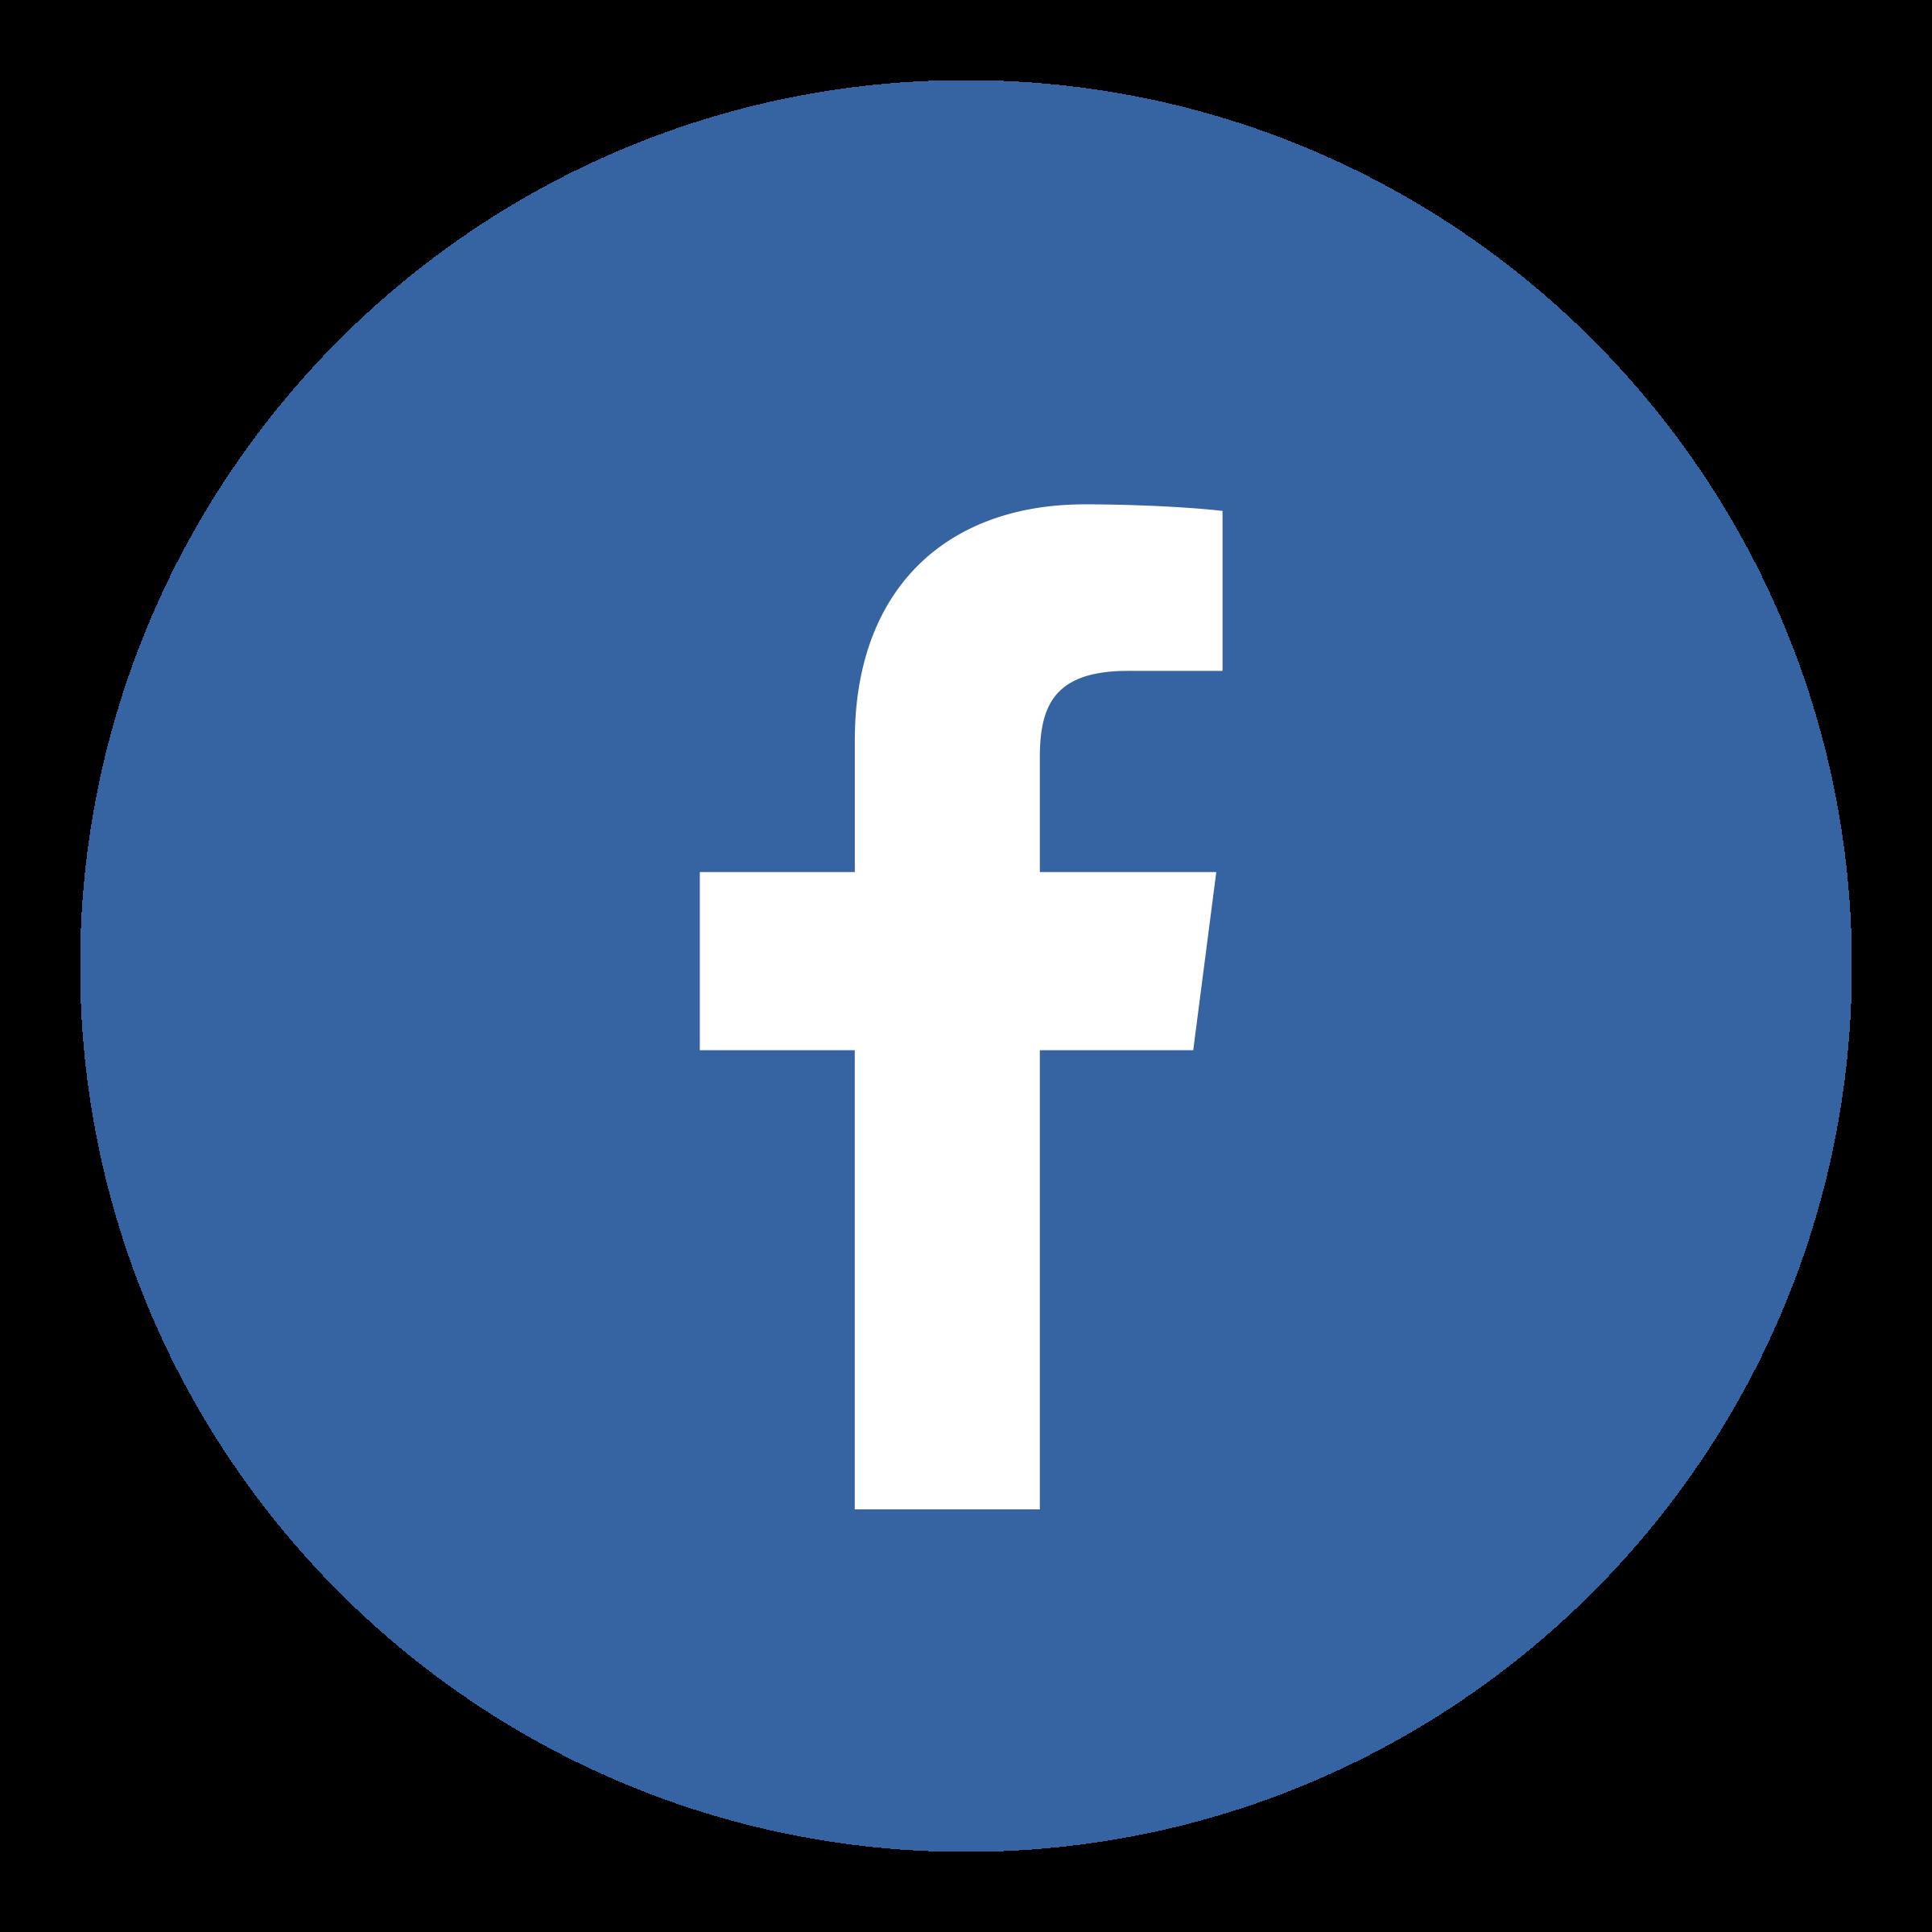 FACEBOOK LOGO PNG transparent ile ilgili görsel sonucu